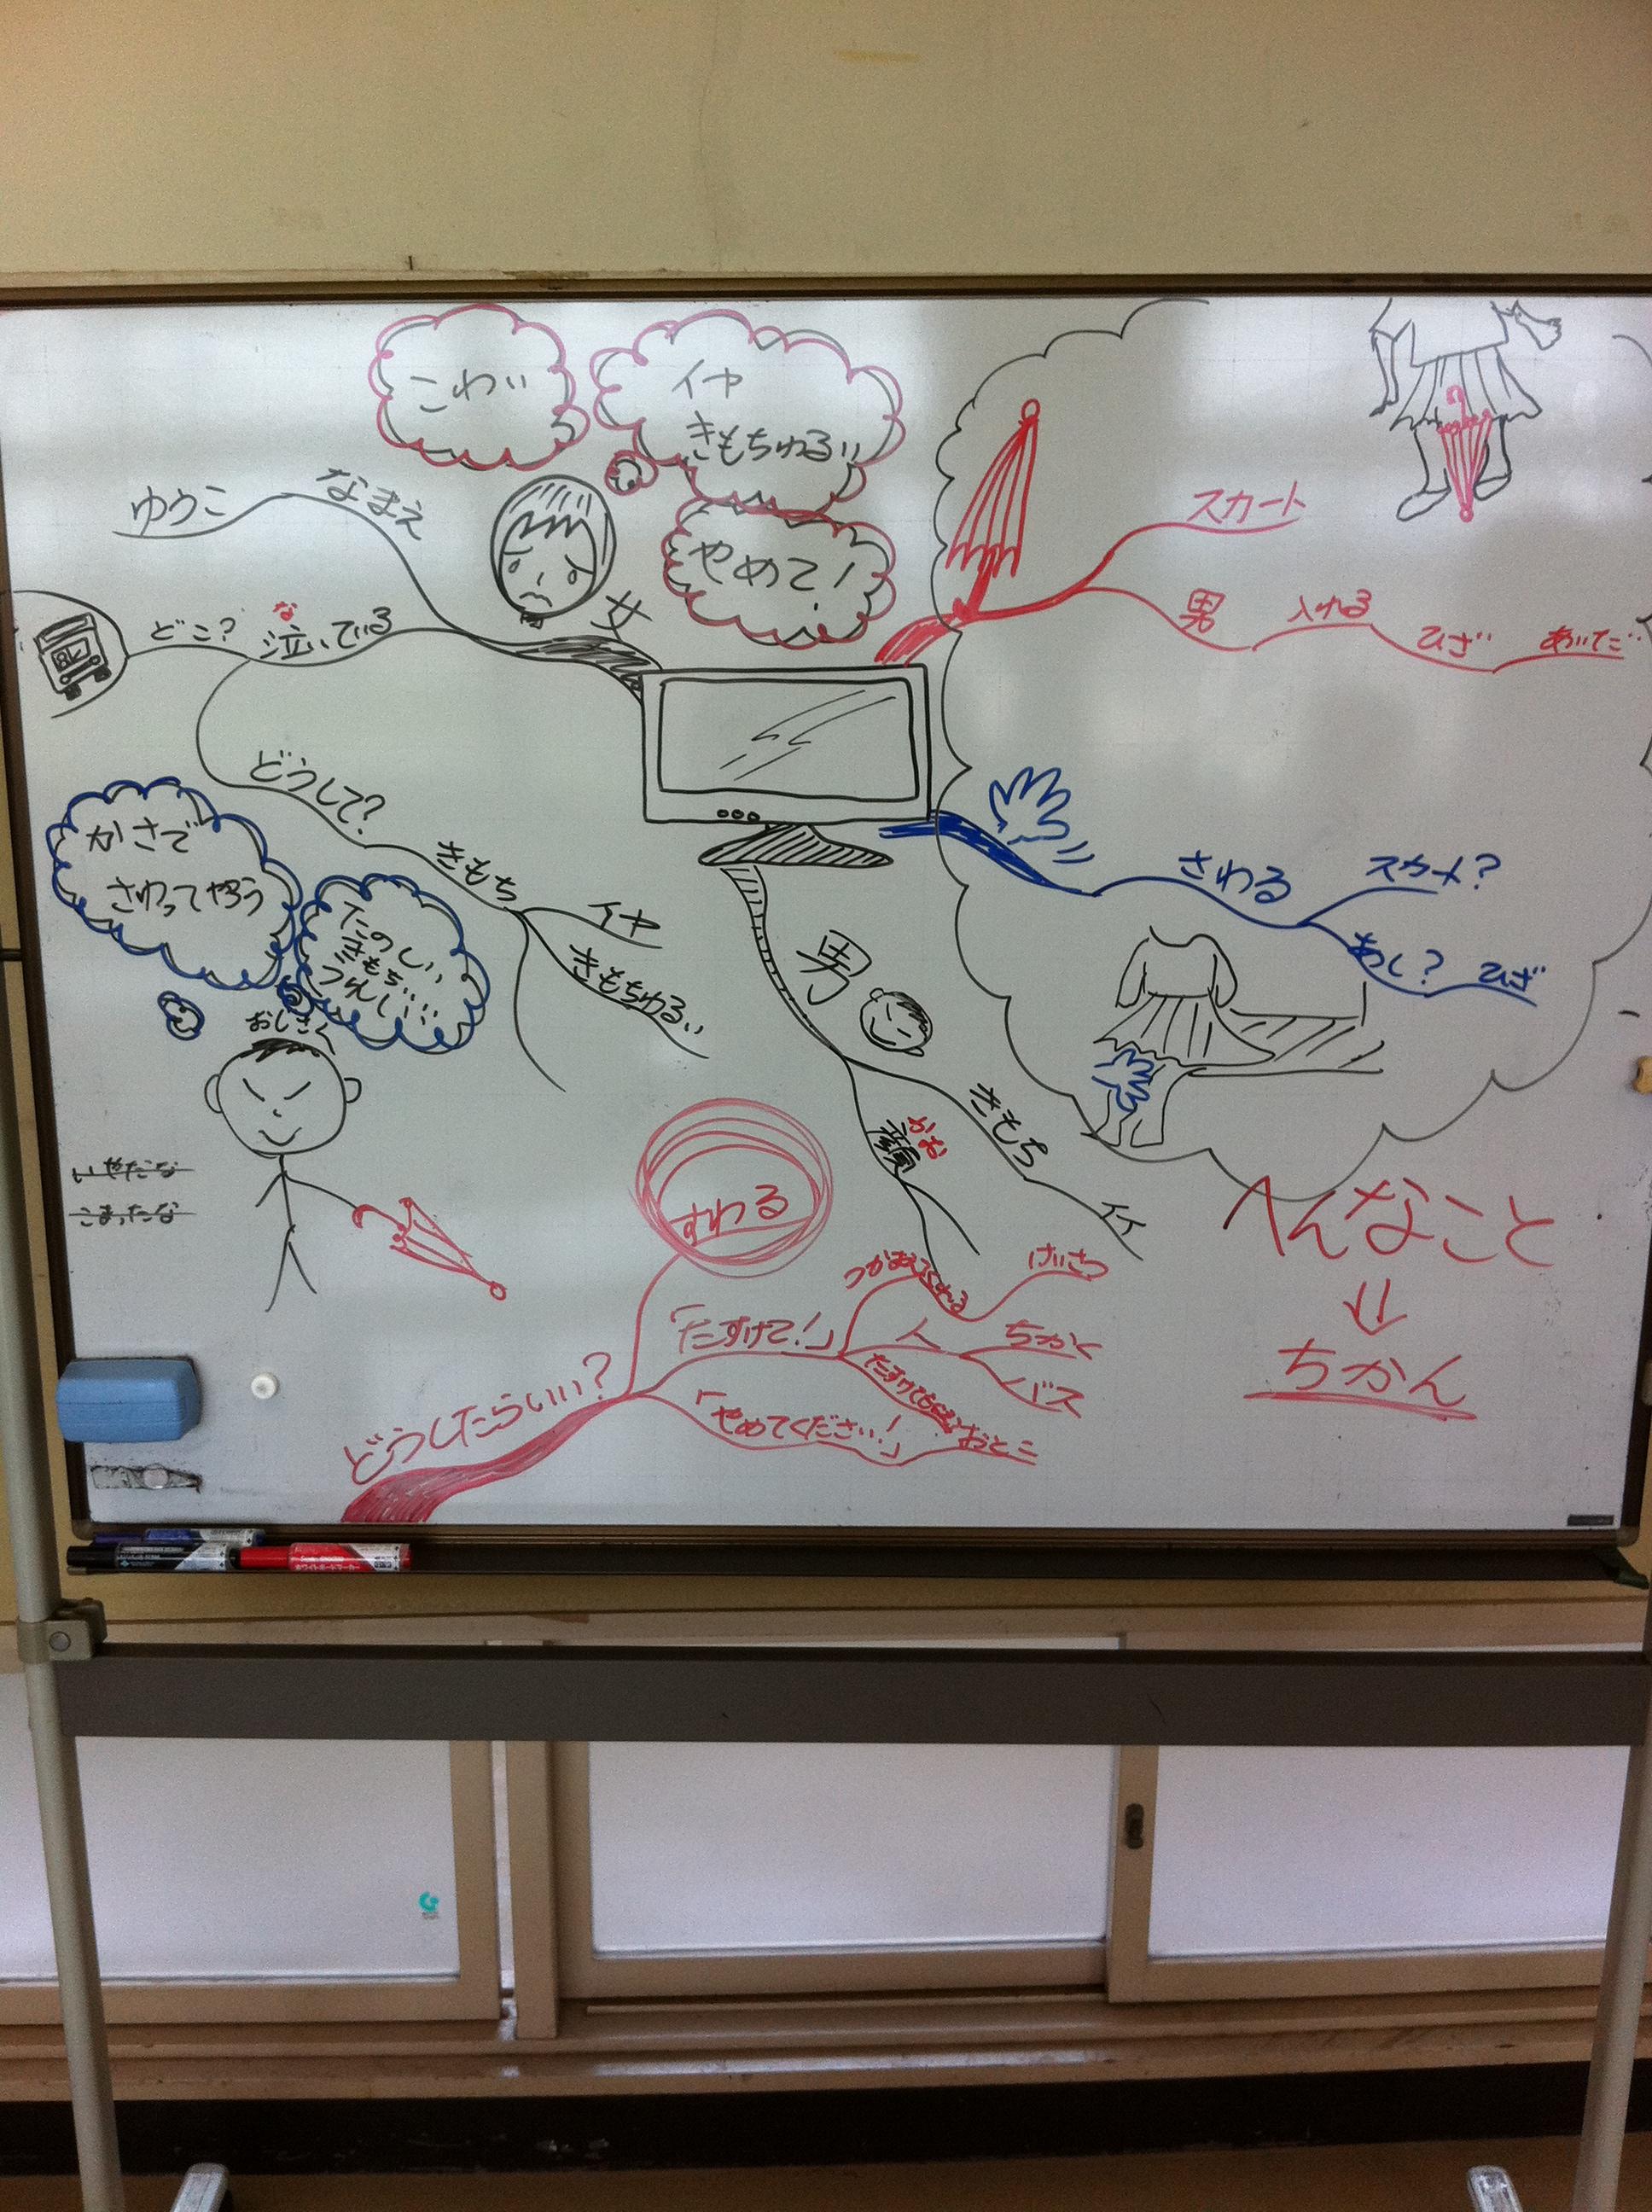 知的障害の生徒へのマインドマップ